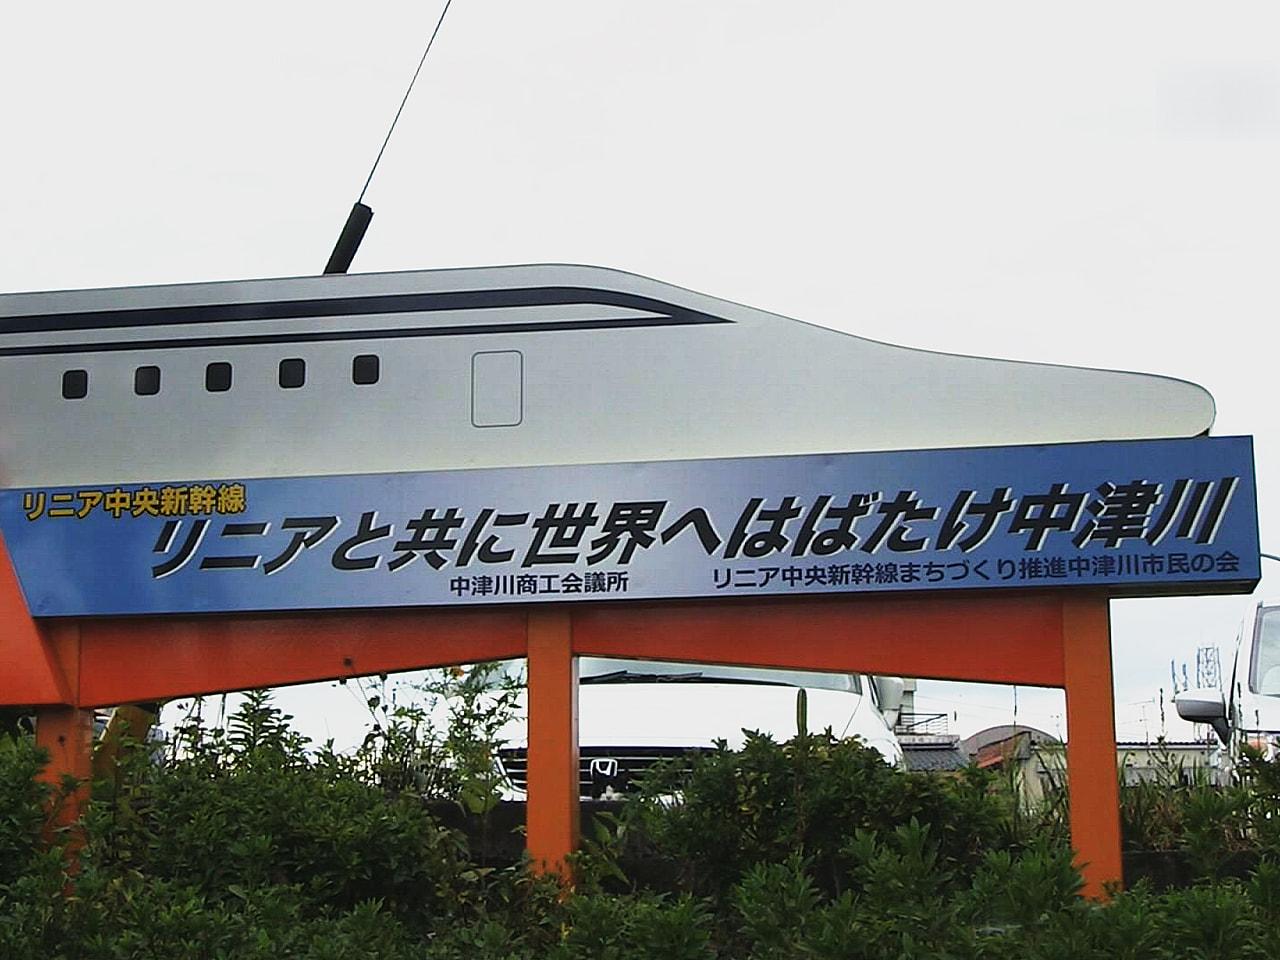 岐阜県中津川市に設置されるリニア中央新幹線の岐阜県駅について、JR東海は15日、...